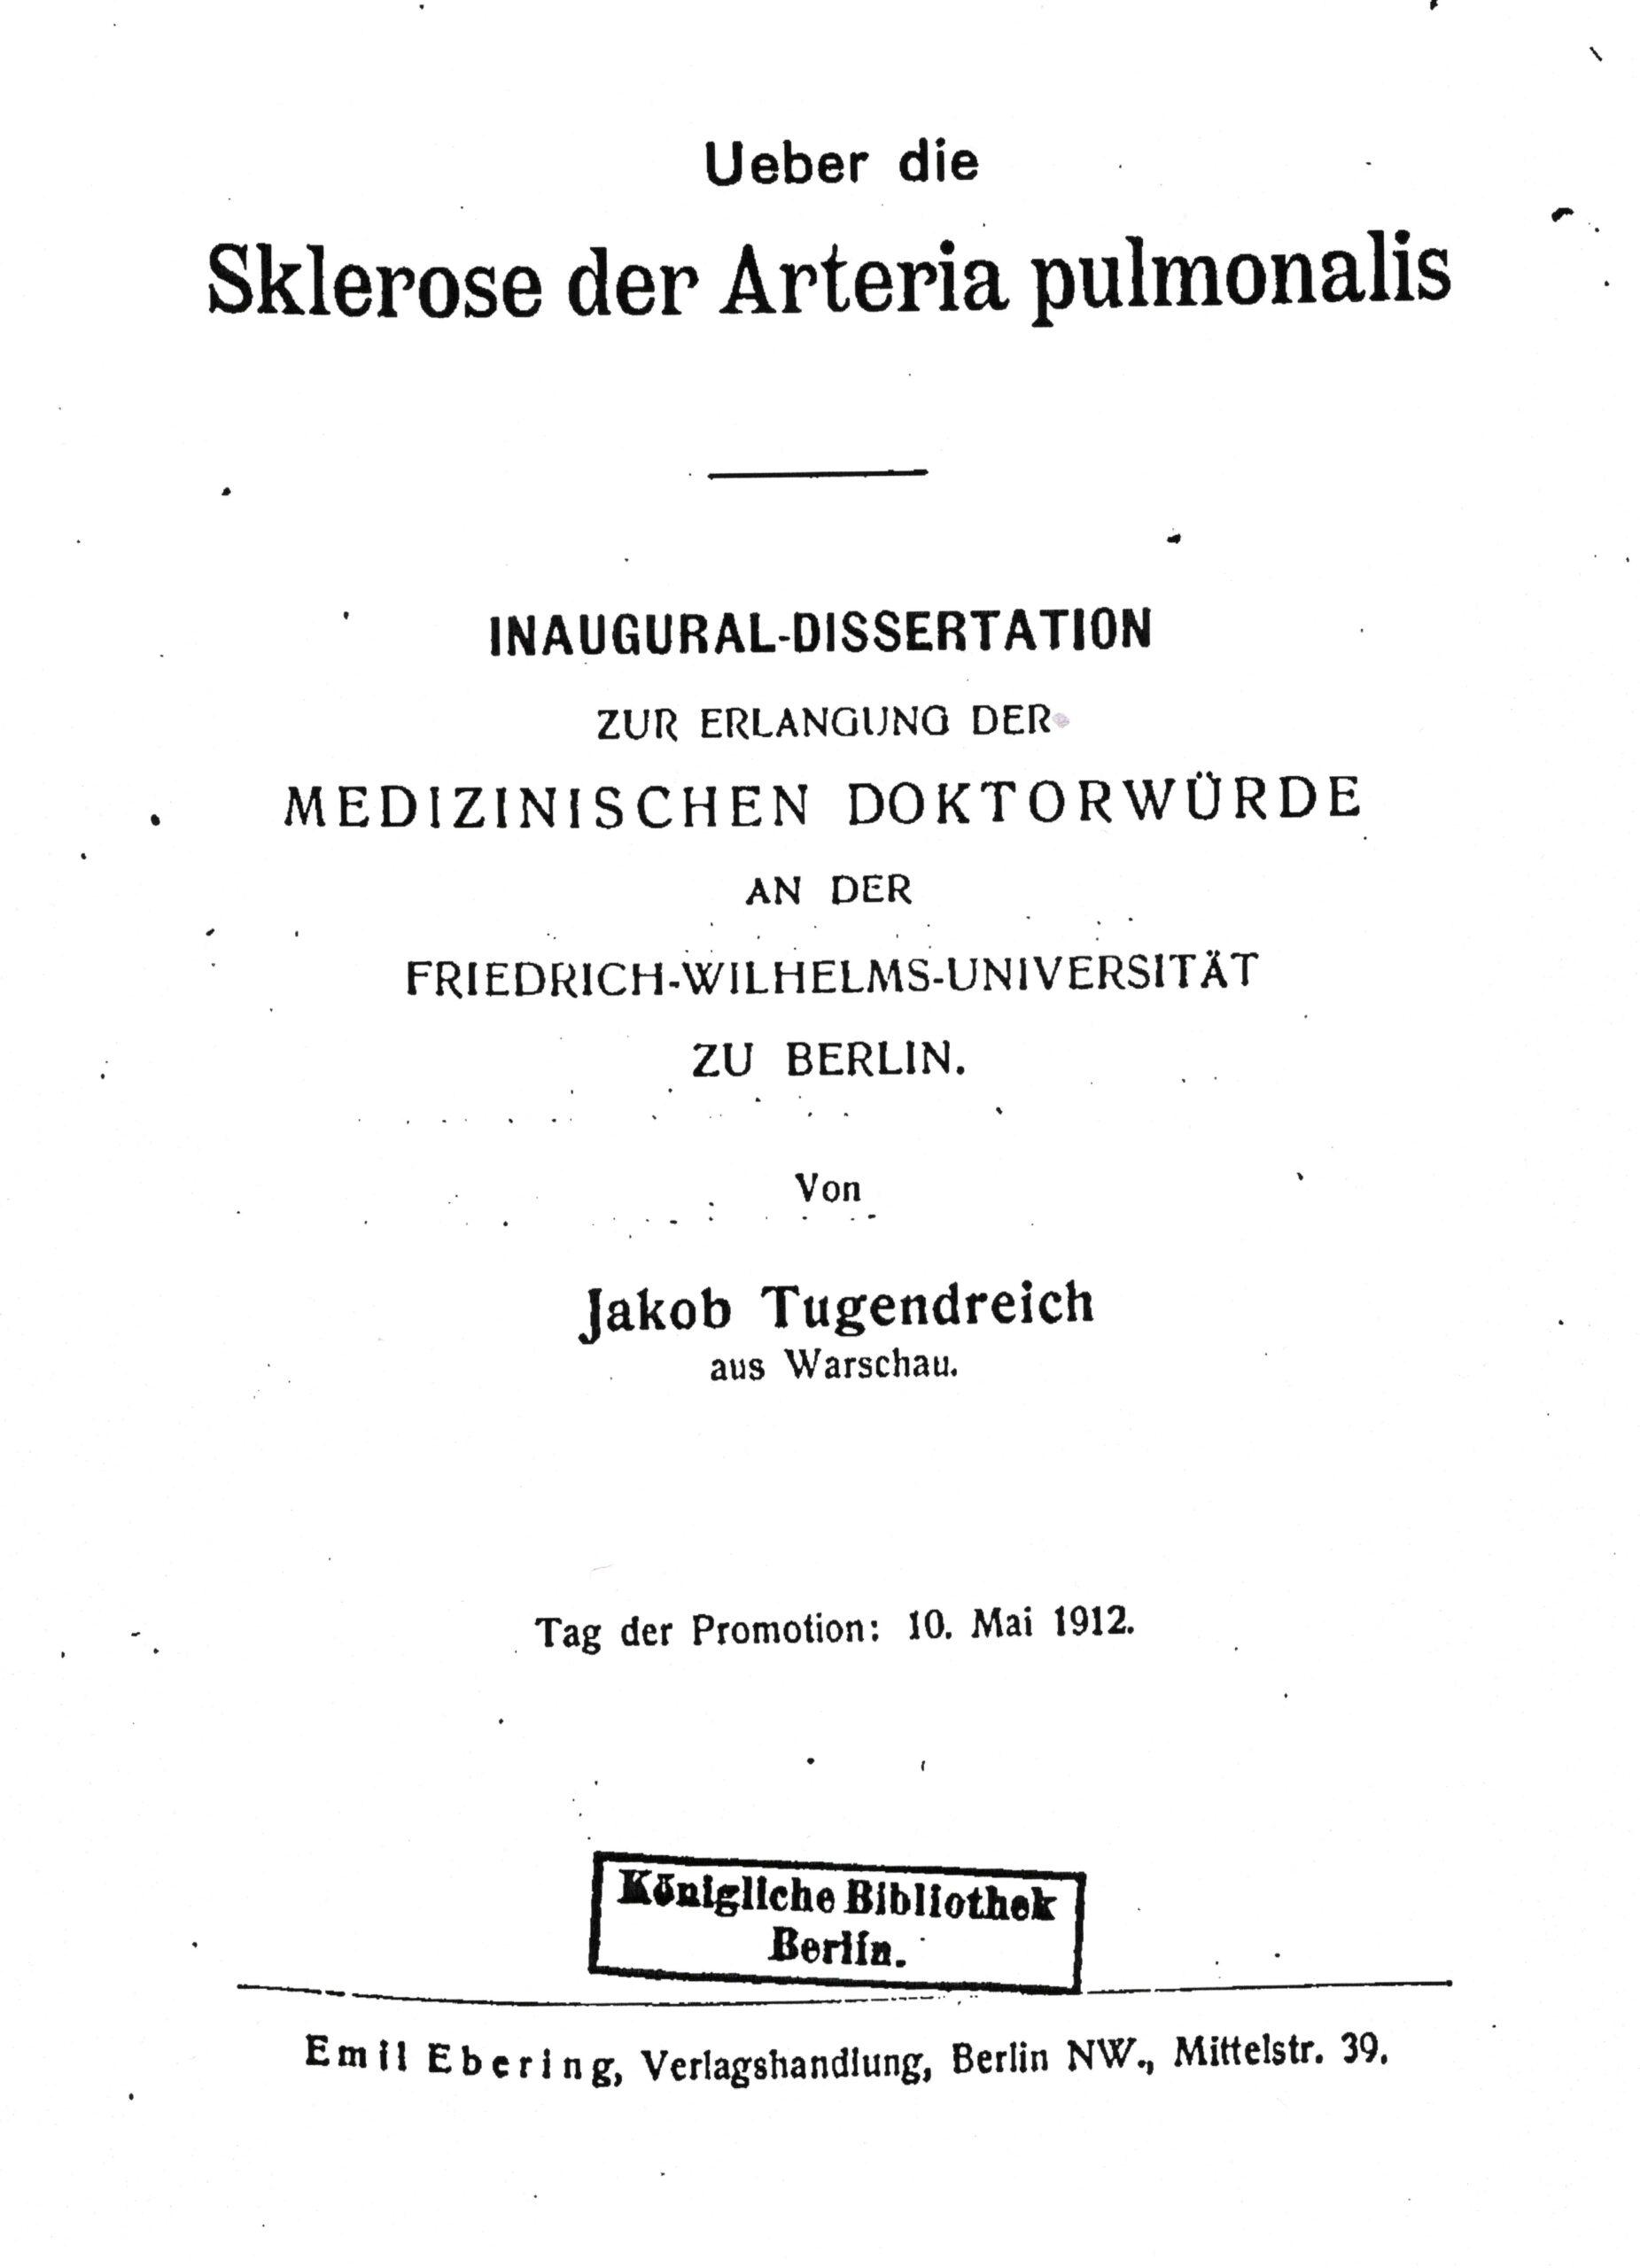 Dissertation, Berlin 1902